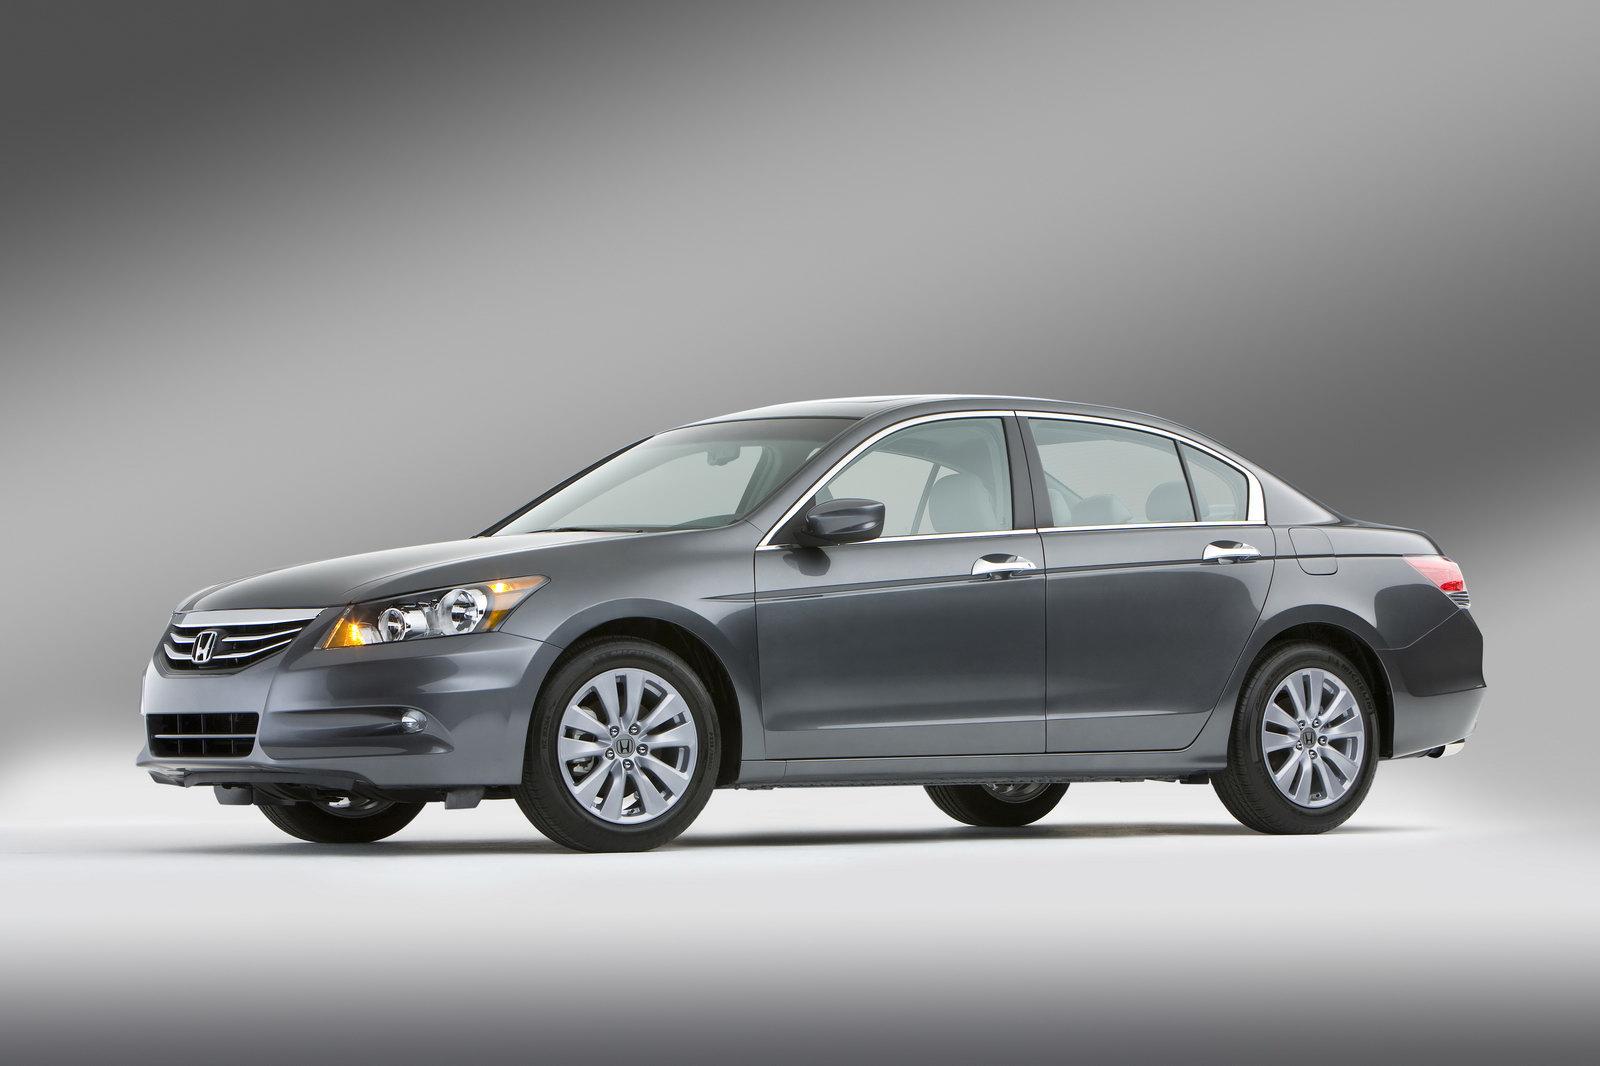 2011 Honda Accord Image 17